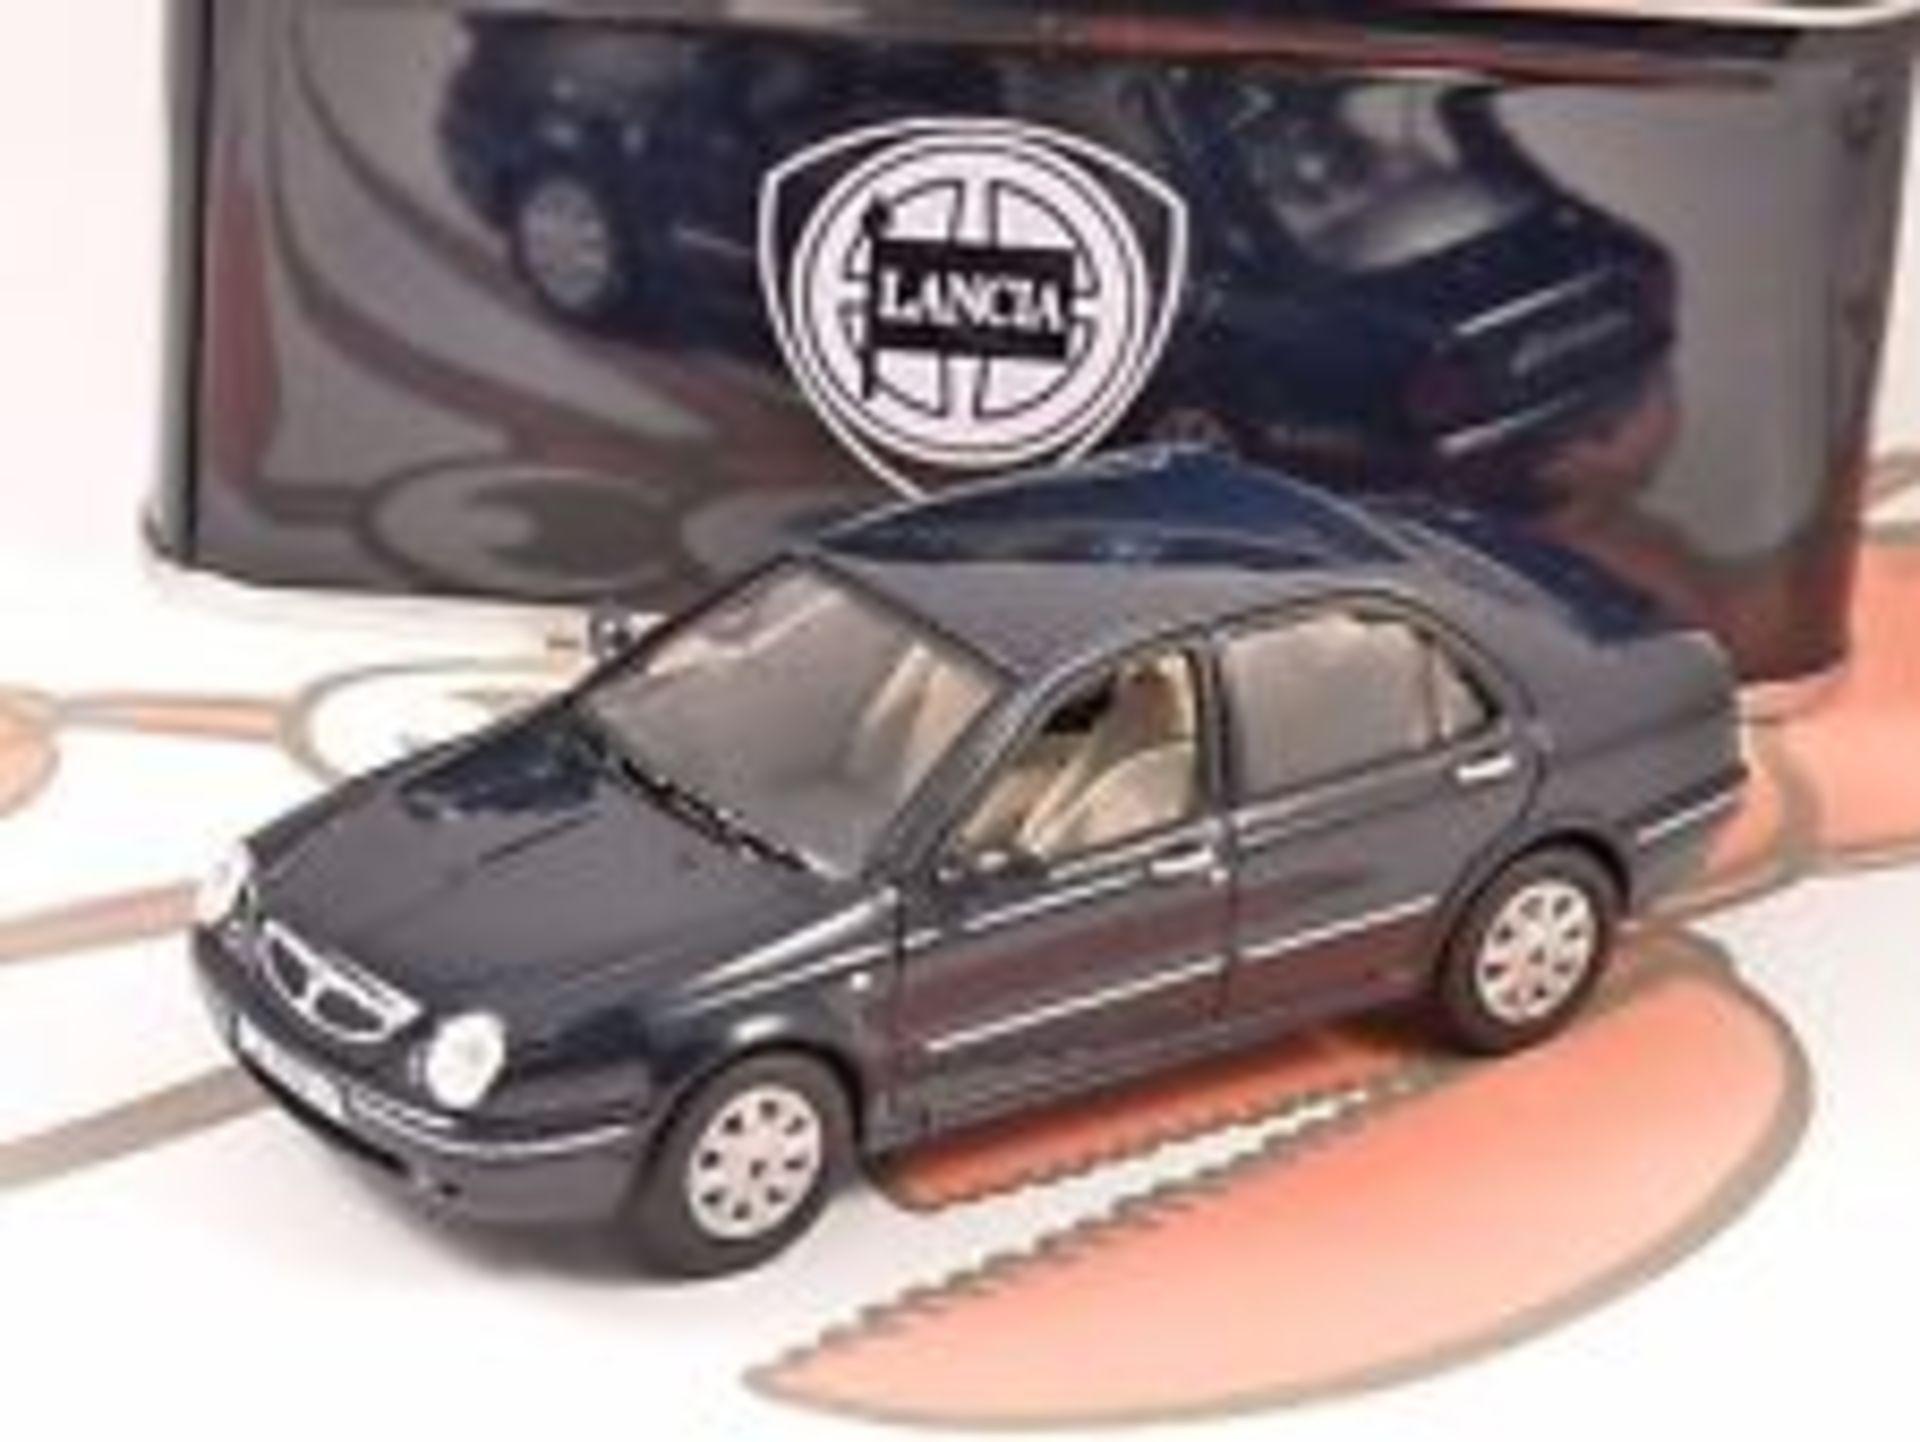 Lot 10381 - V Brand New 1/48 Die Cast 1999 Lancia Lybra - eBay Price £14.99